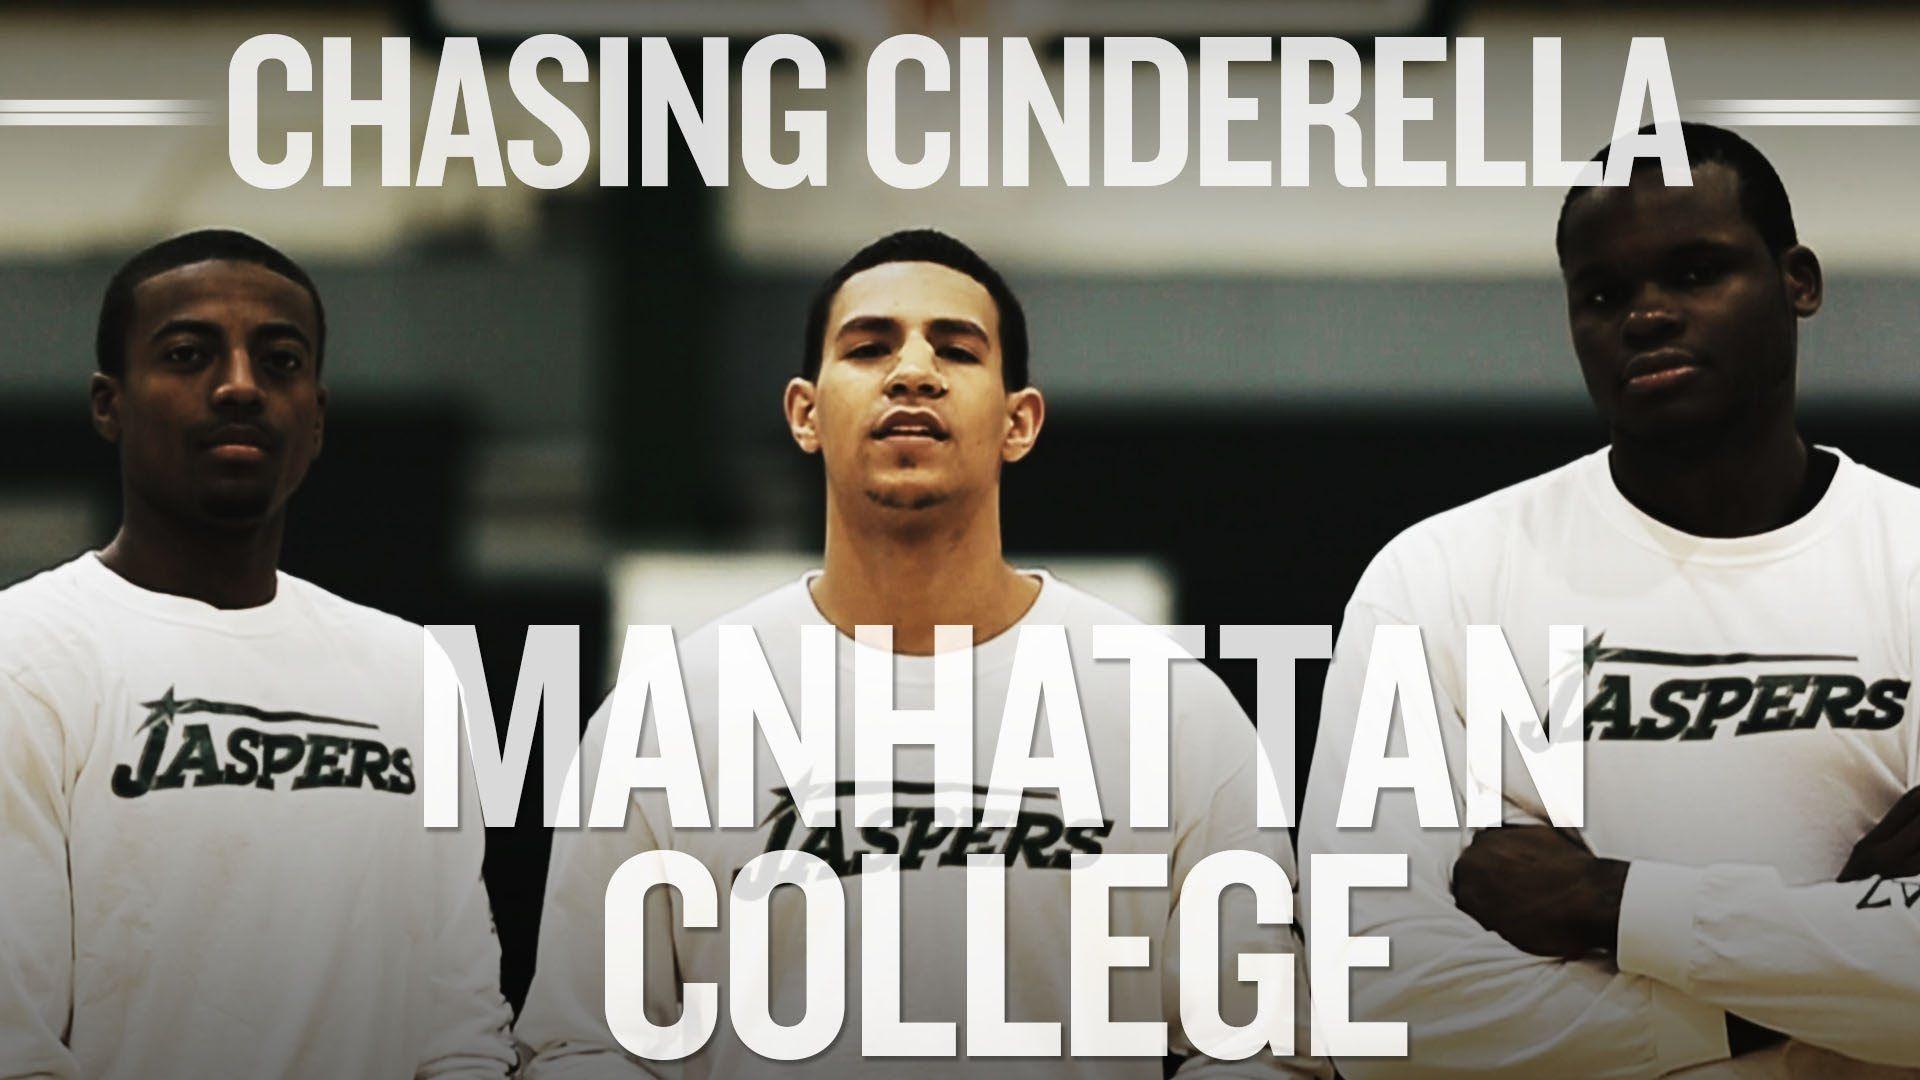 Chasing Cinderella 2014 Manhattan College basketball